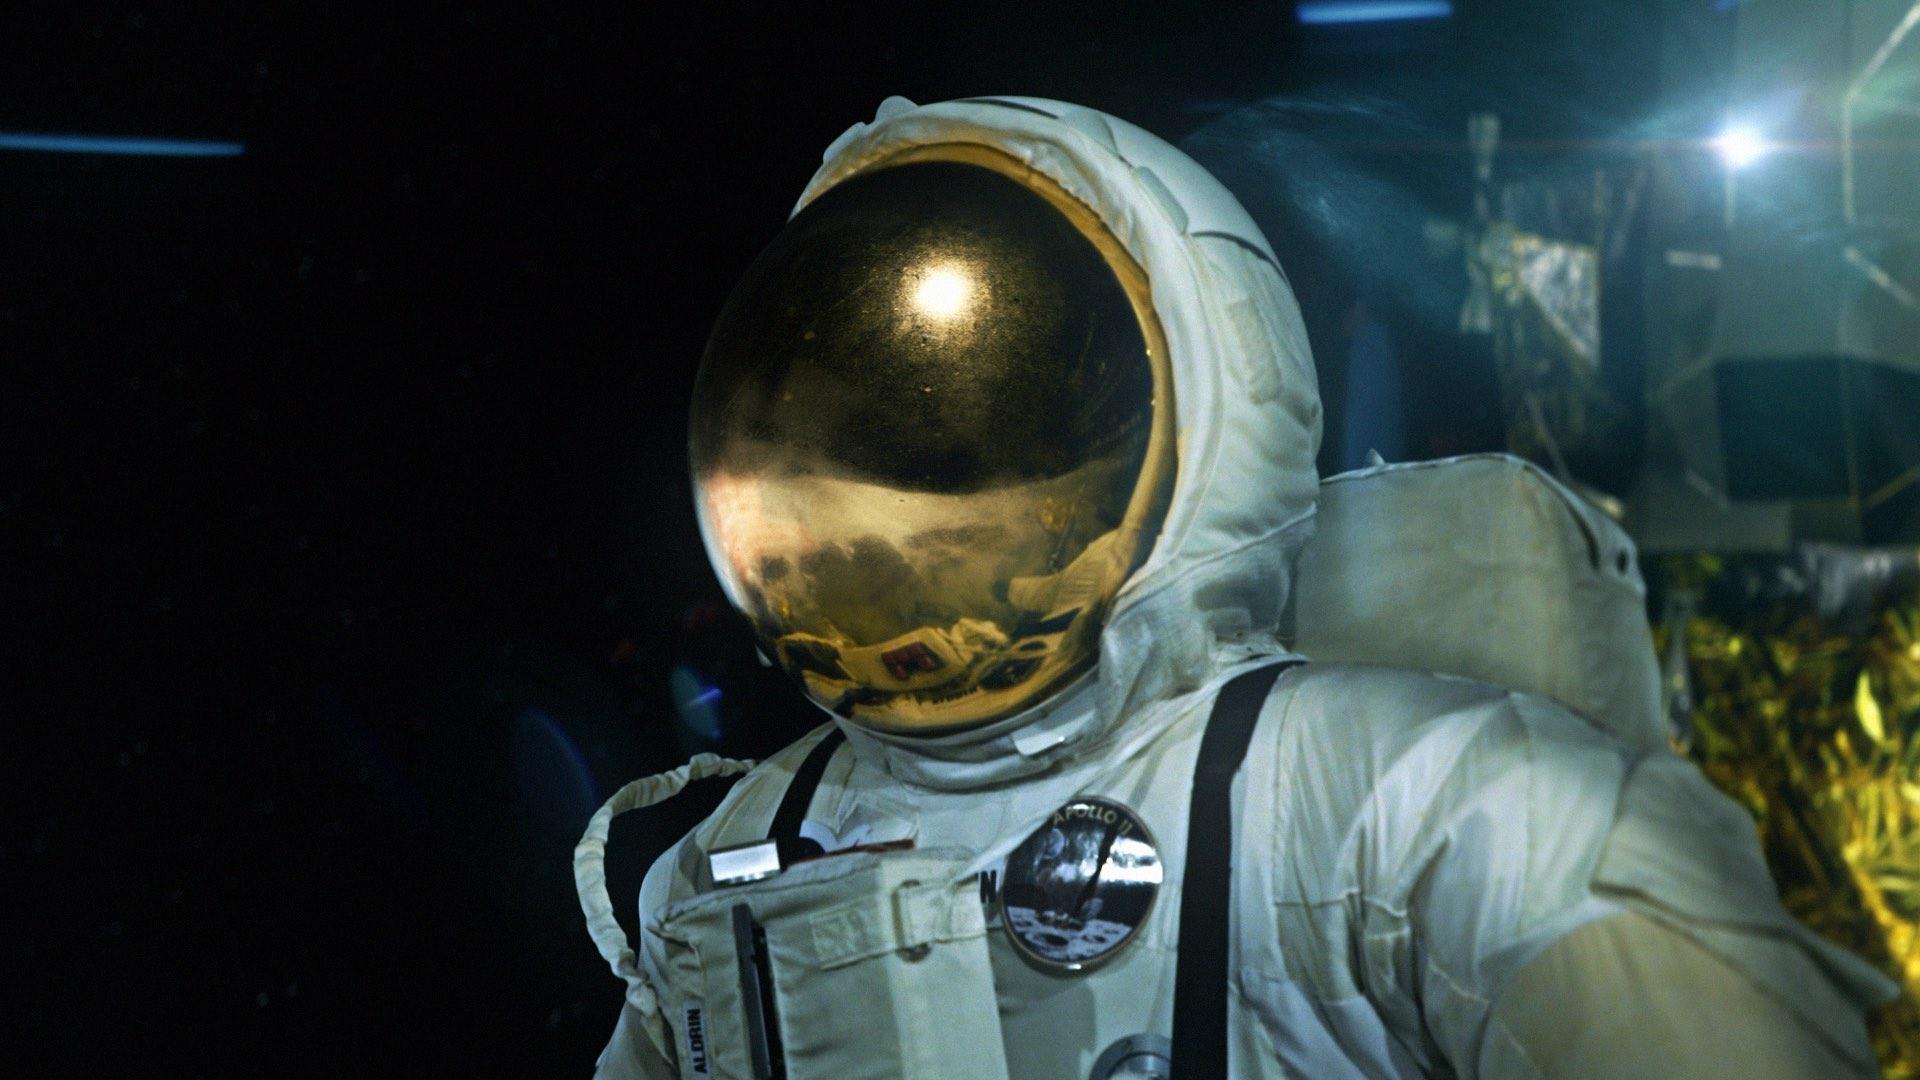 Ryan Thompson - Exploration - Astronaut